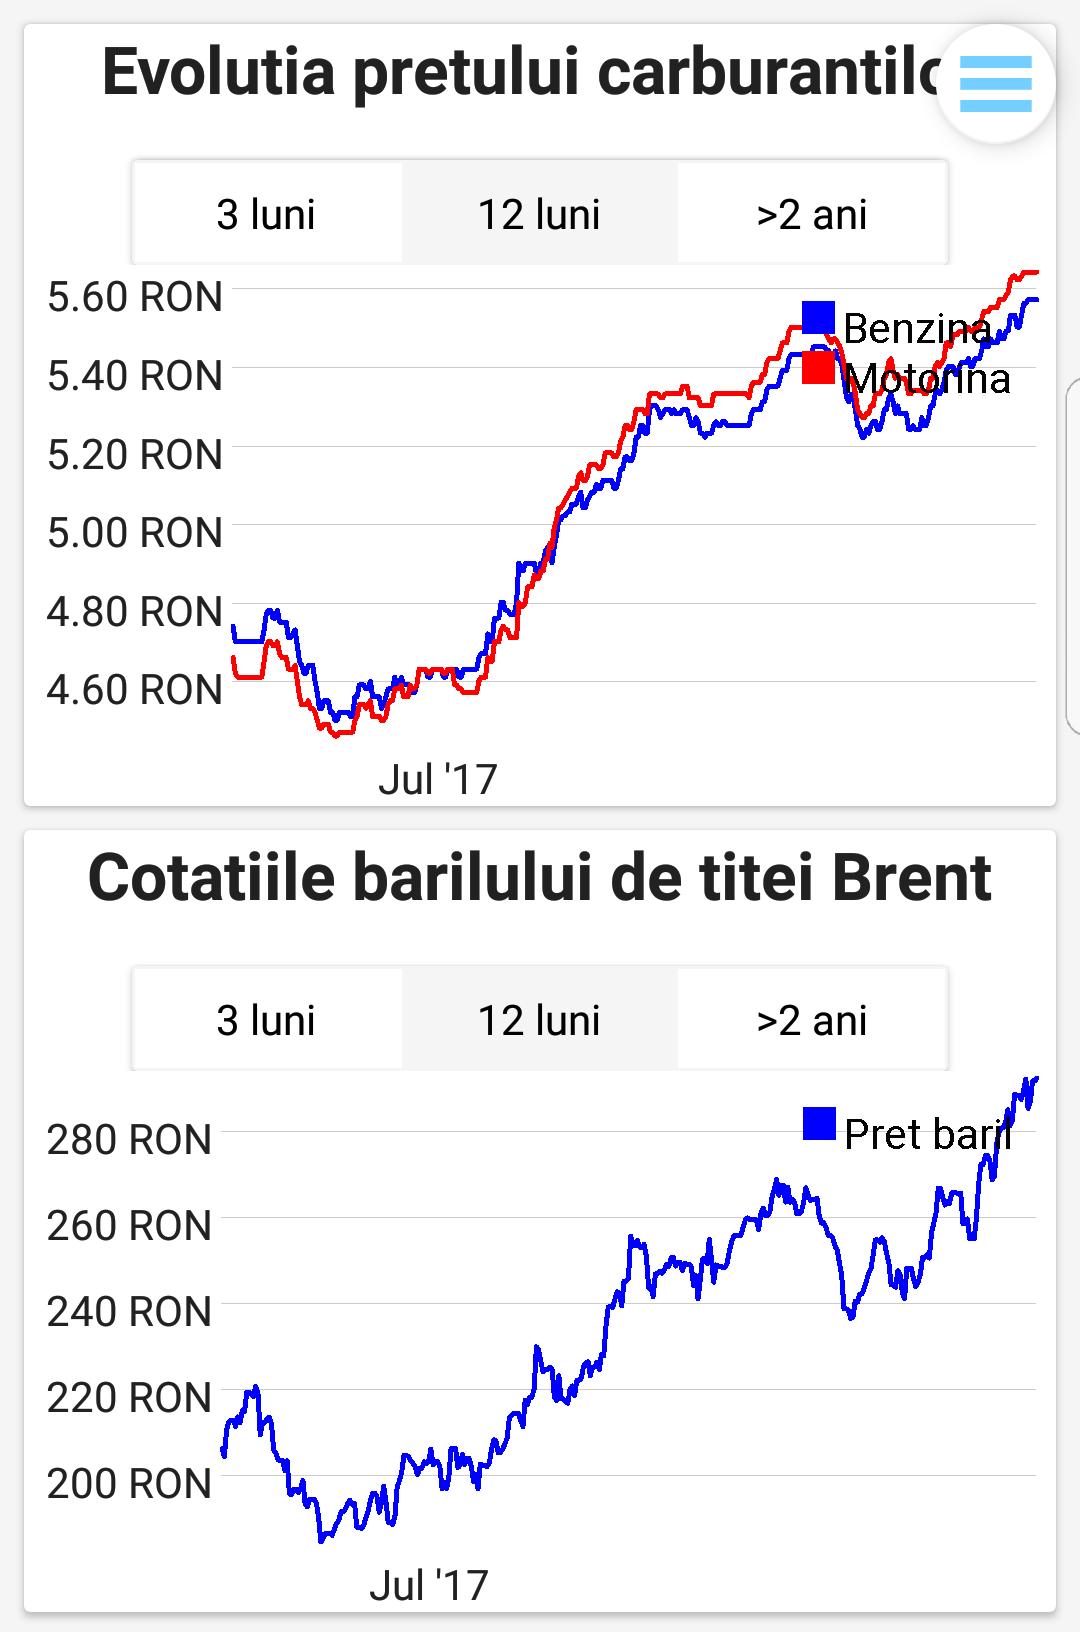 Evoluția prețurilor la carburanți versus evoluția prețului la țiței